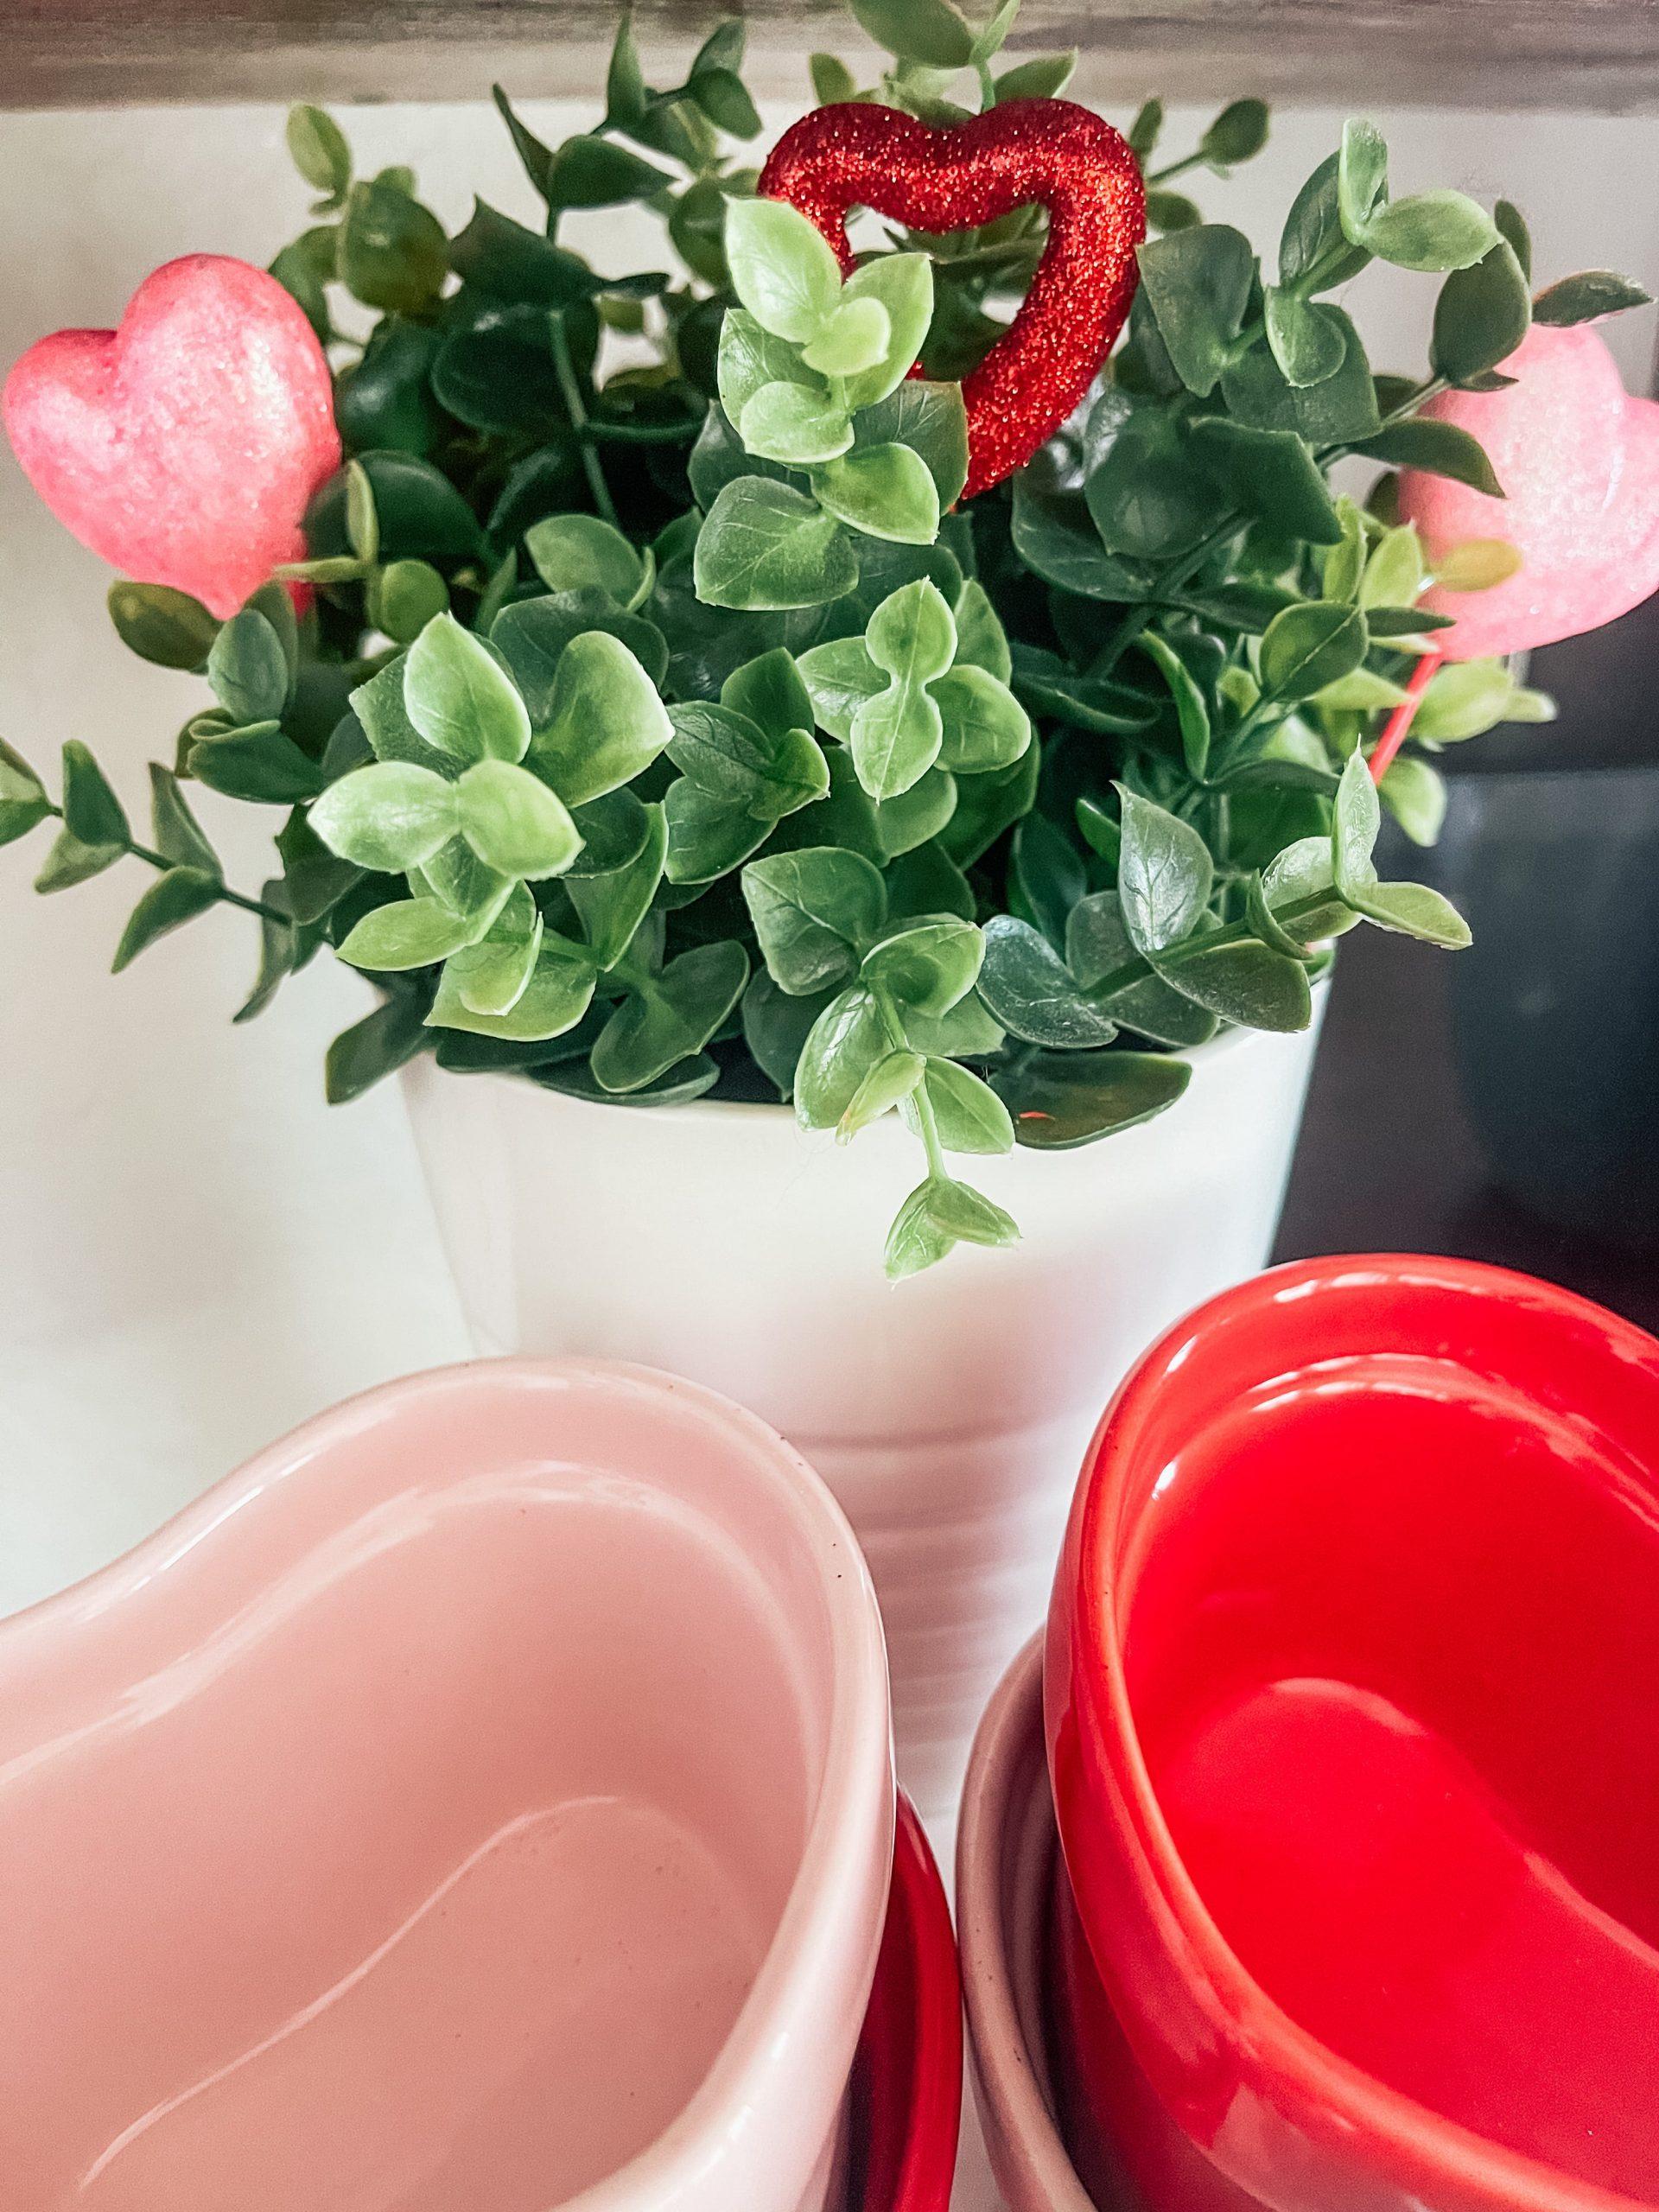 Valentine's Day picks in plant